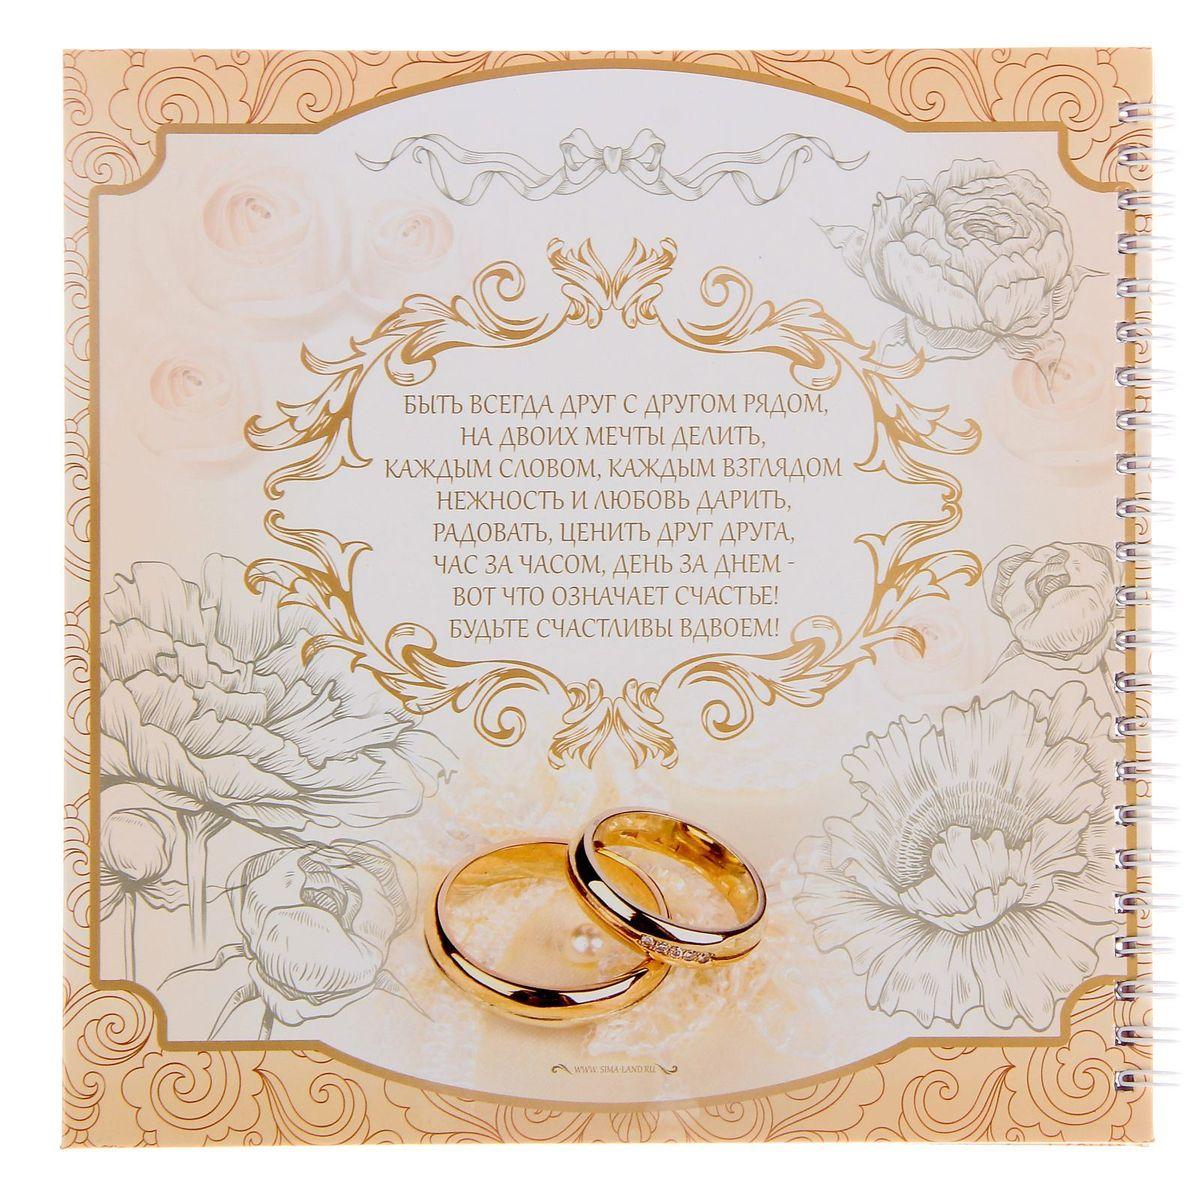 Поздравление на свадьбу для лучшего друга